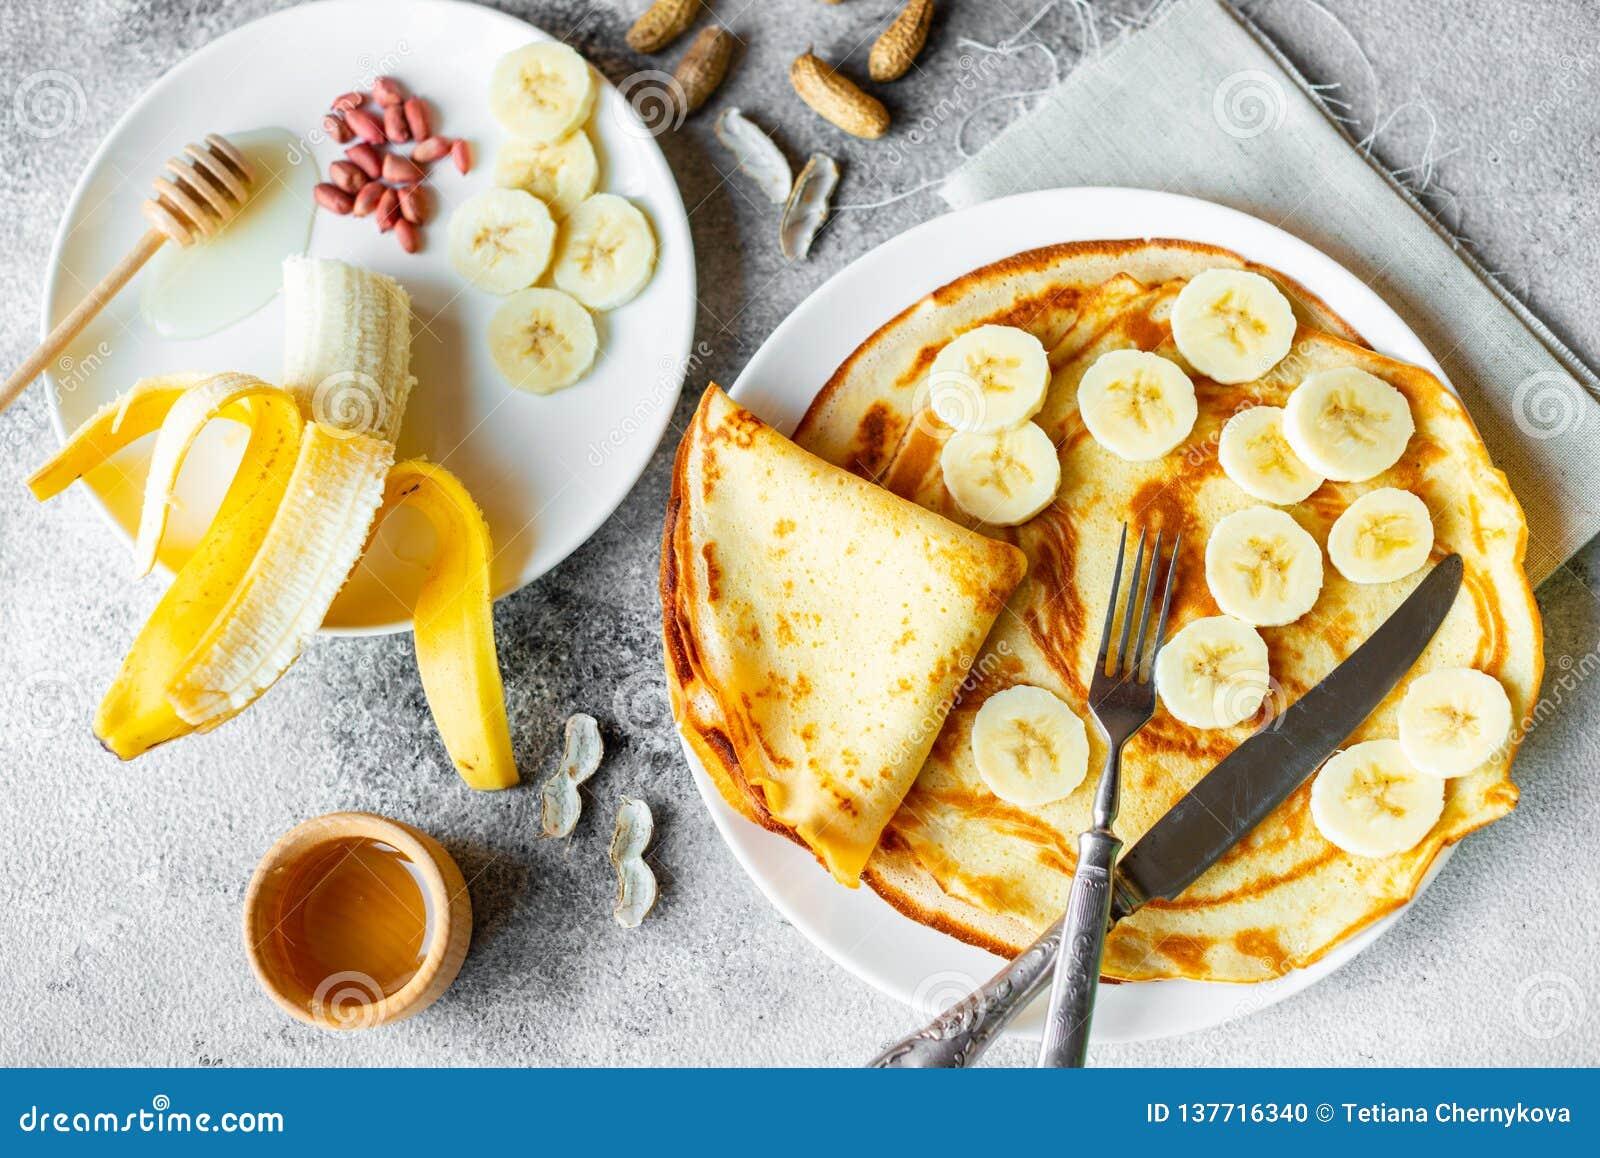 Alimento, sobremesa, pastelarias, panqueca, torta Panquecas bonitas saborosos com banana e mel